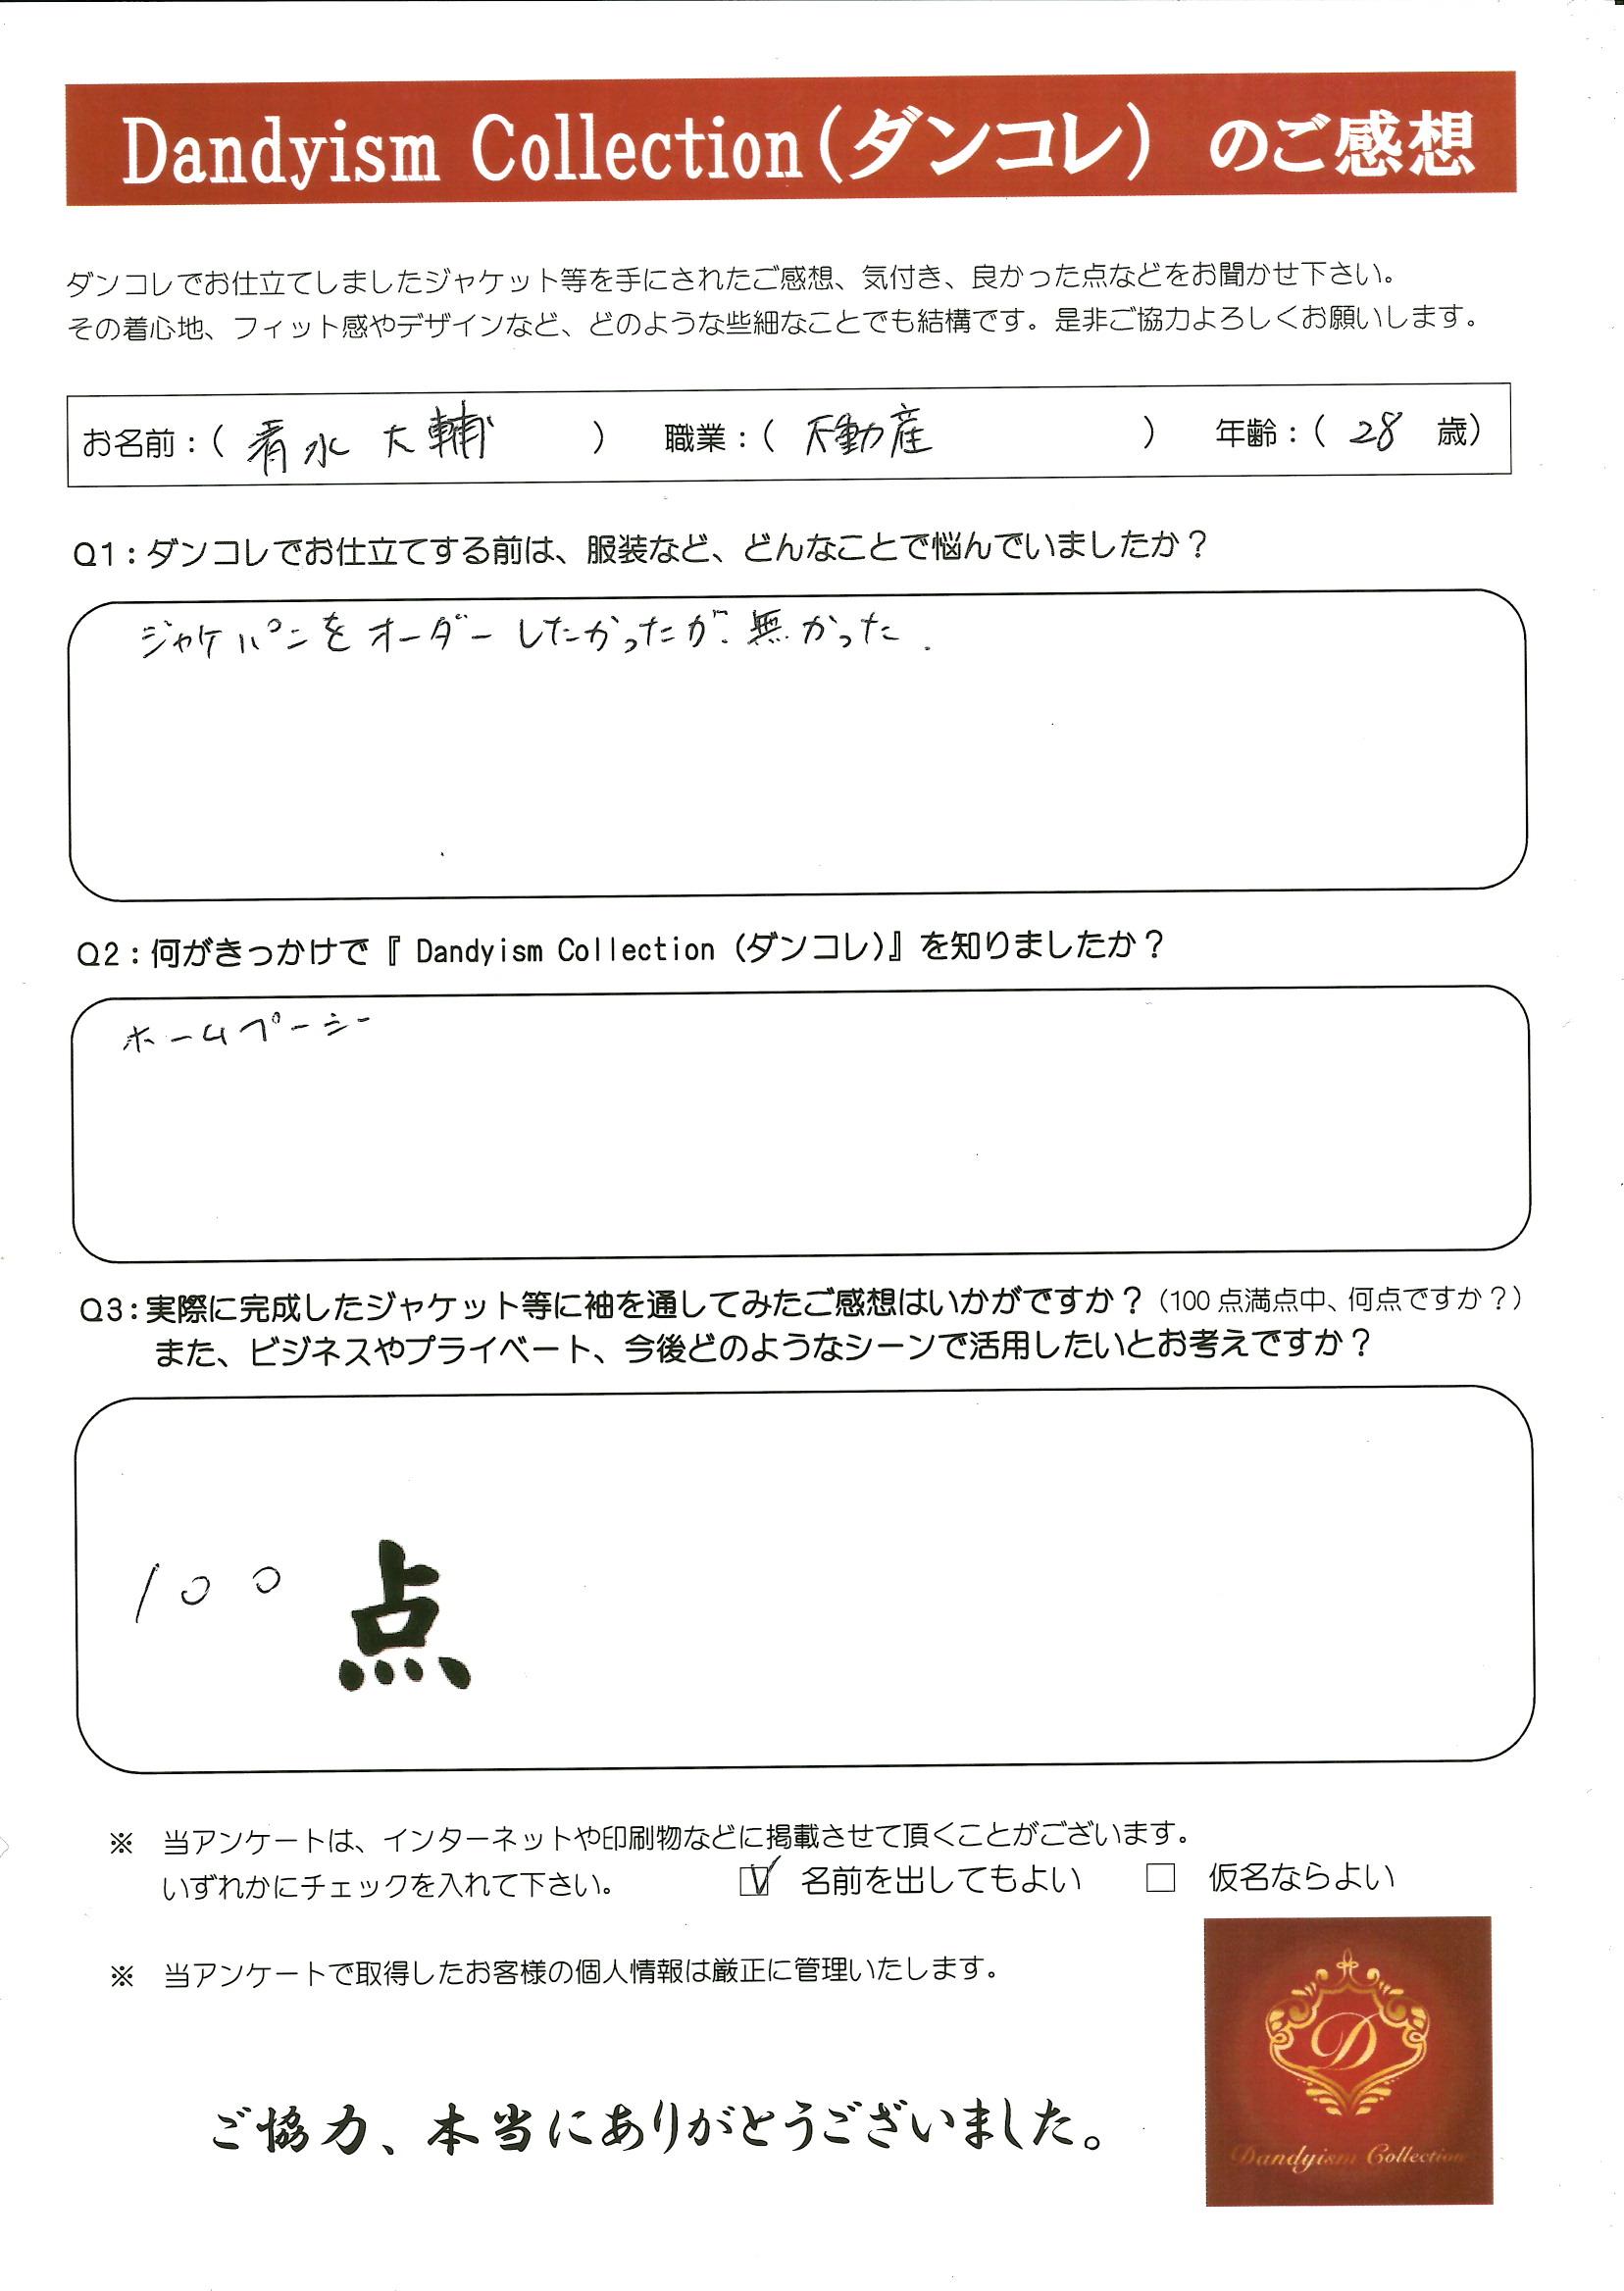 清水 大輔様 不動産業 28歳